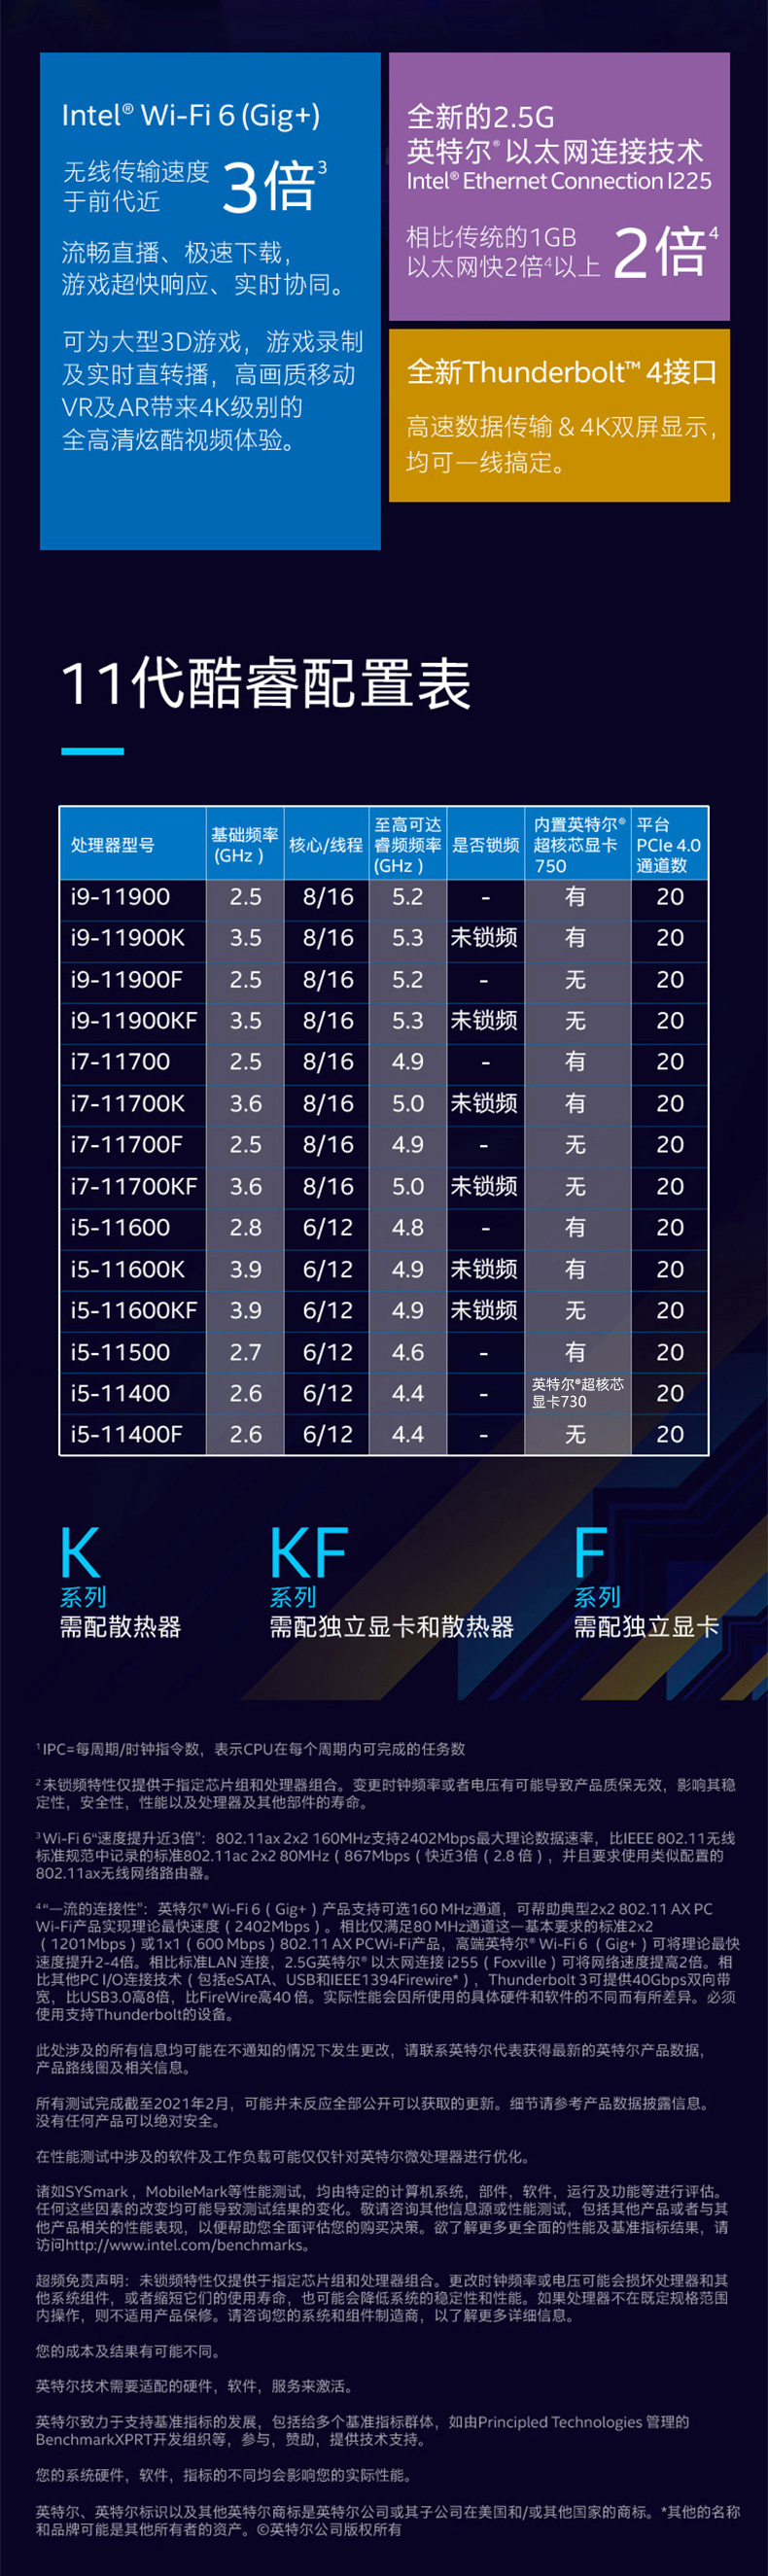 信仰之巅 i9-11900K RTX 3090 32GB内存 1TB+2TB SSD【ROG 龙神 360 水冷】